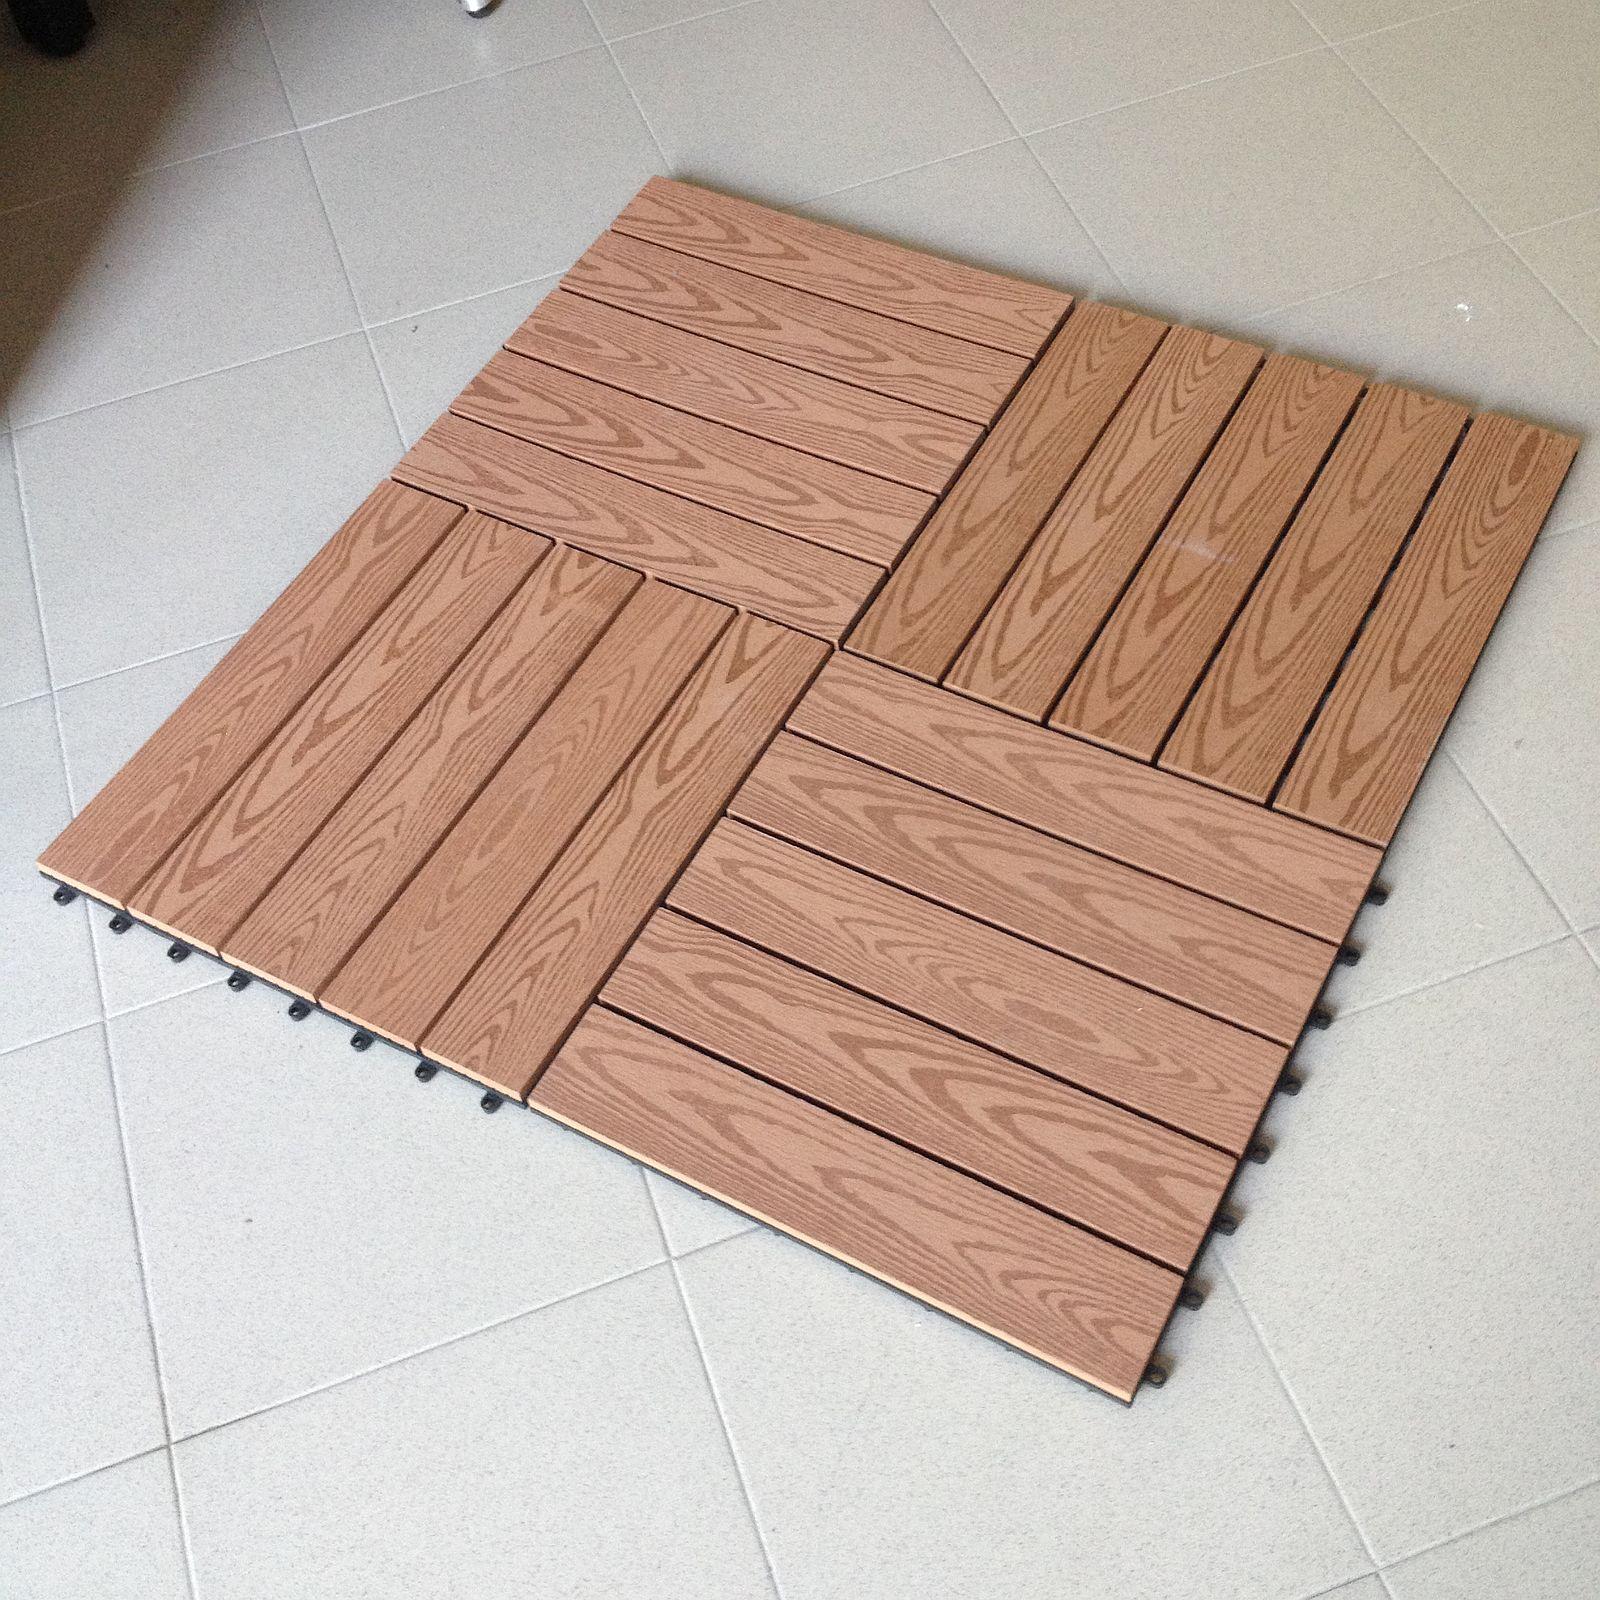 N 6 mattonelle per pavimento in wpc legno for Mattonelle per esterno